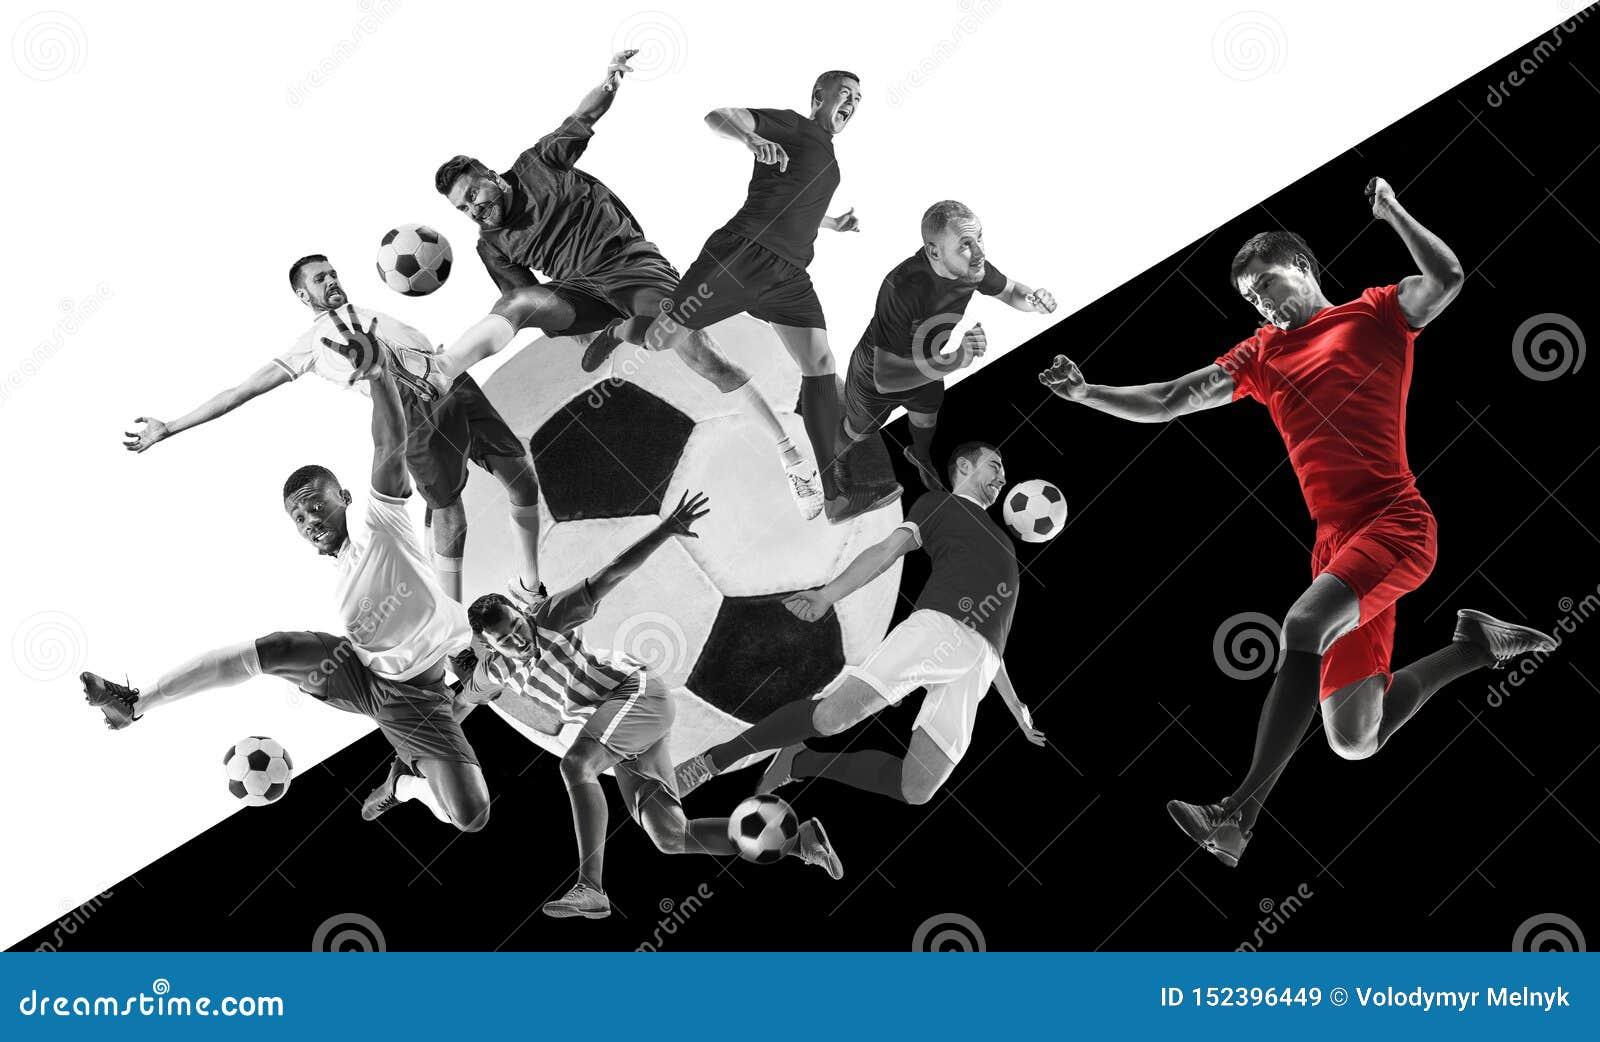 Męscy gracz futbolu w akcji, kreatywnie czarny i biały kolaż